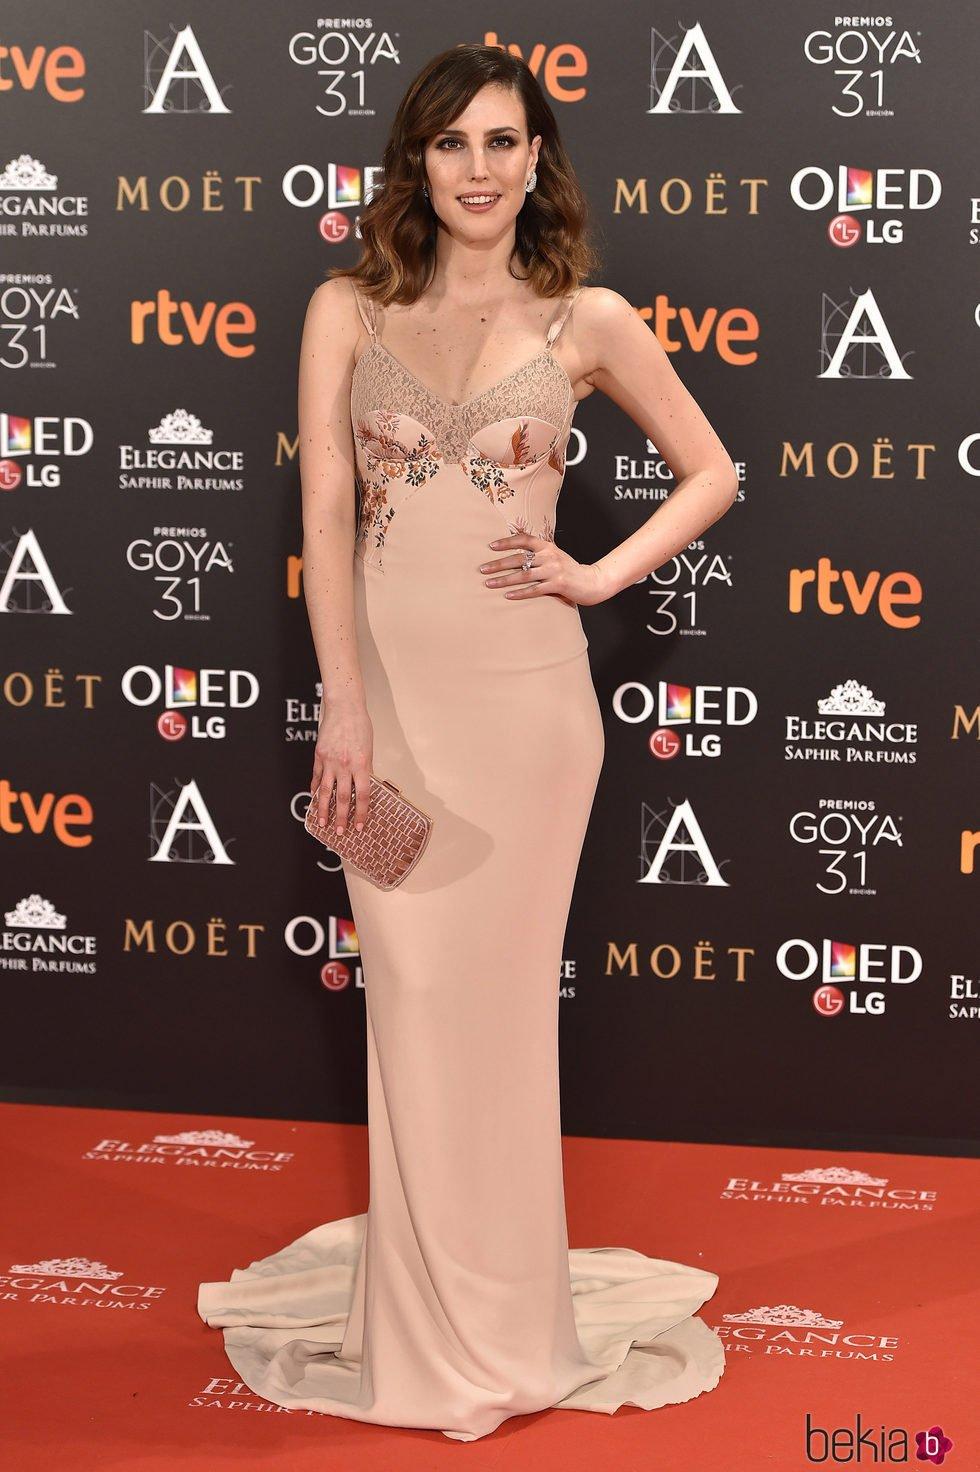 Natalia de Molina en la alfombra roja de los Premios Goya 2017